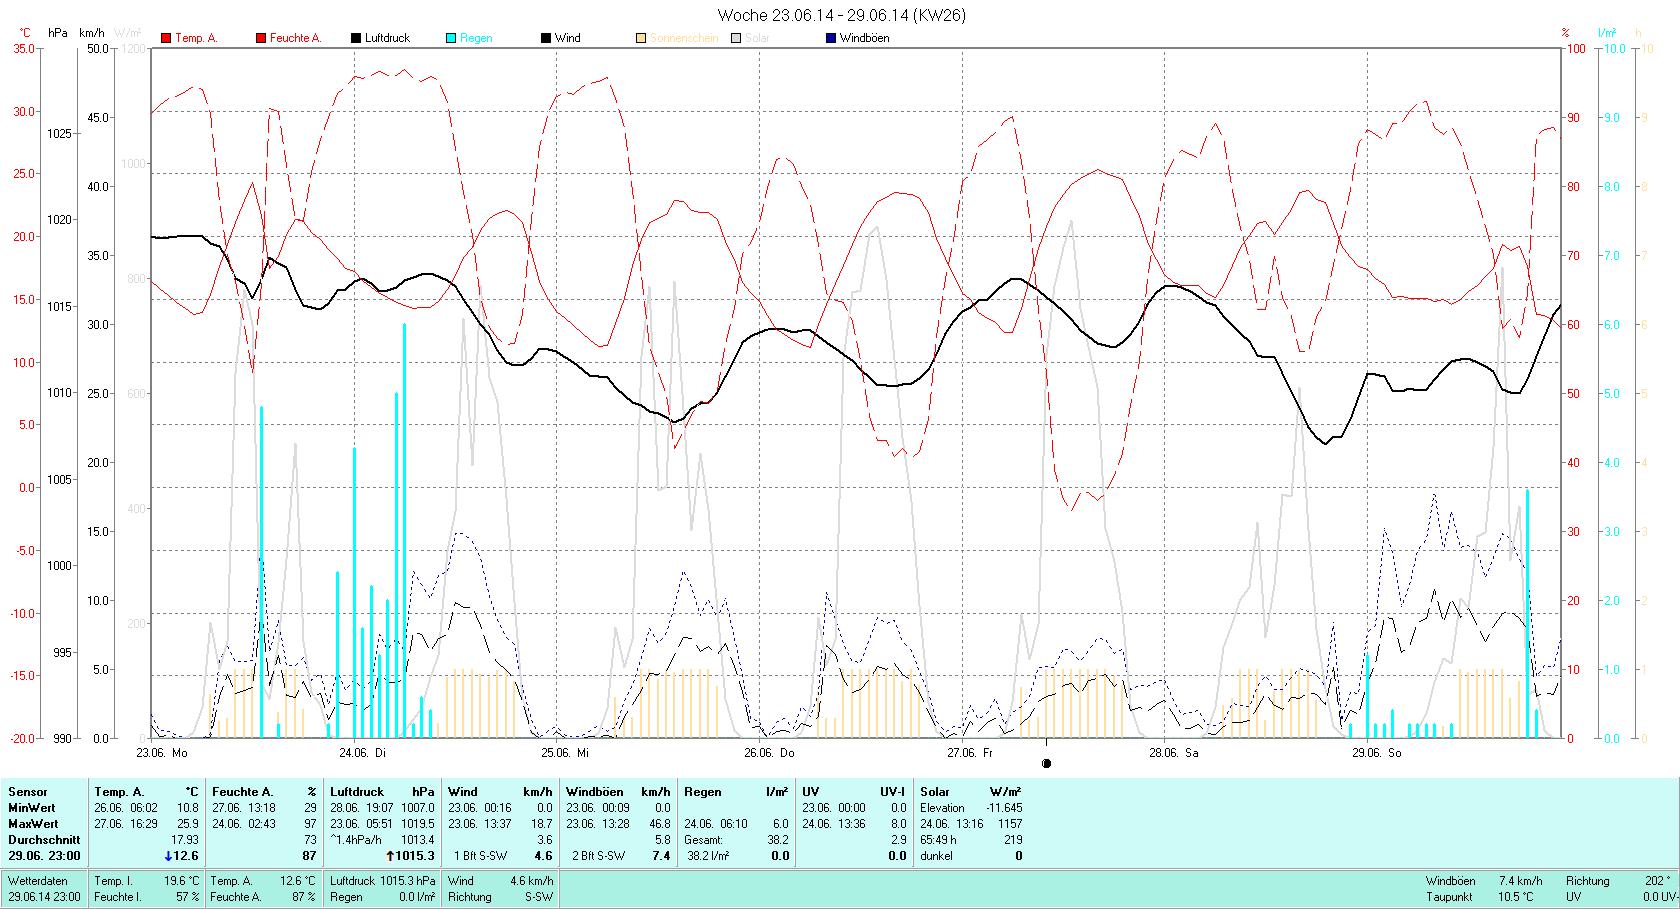 KW 26 Tmin 10.8°C, Tmax 25.9°C, Sonne 65:49h, Niederschlag 38.2mm/2